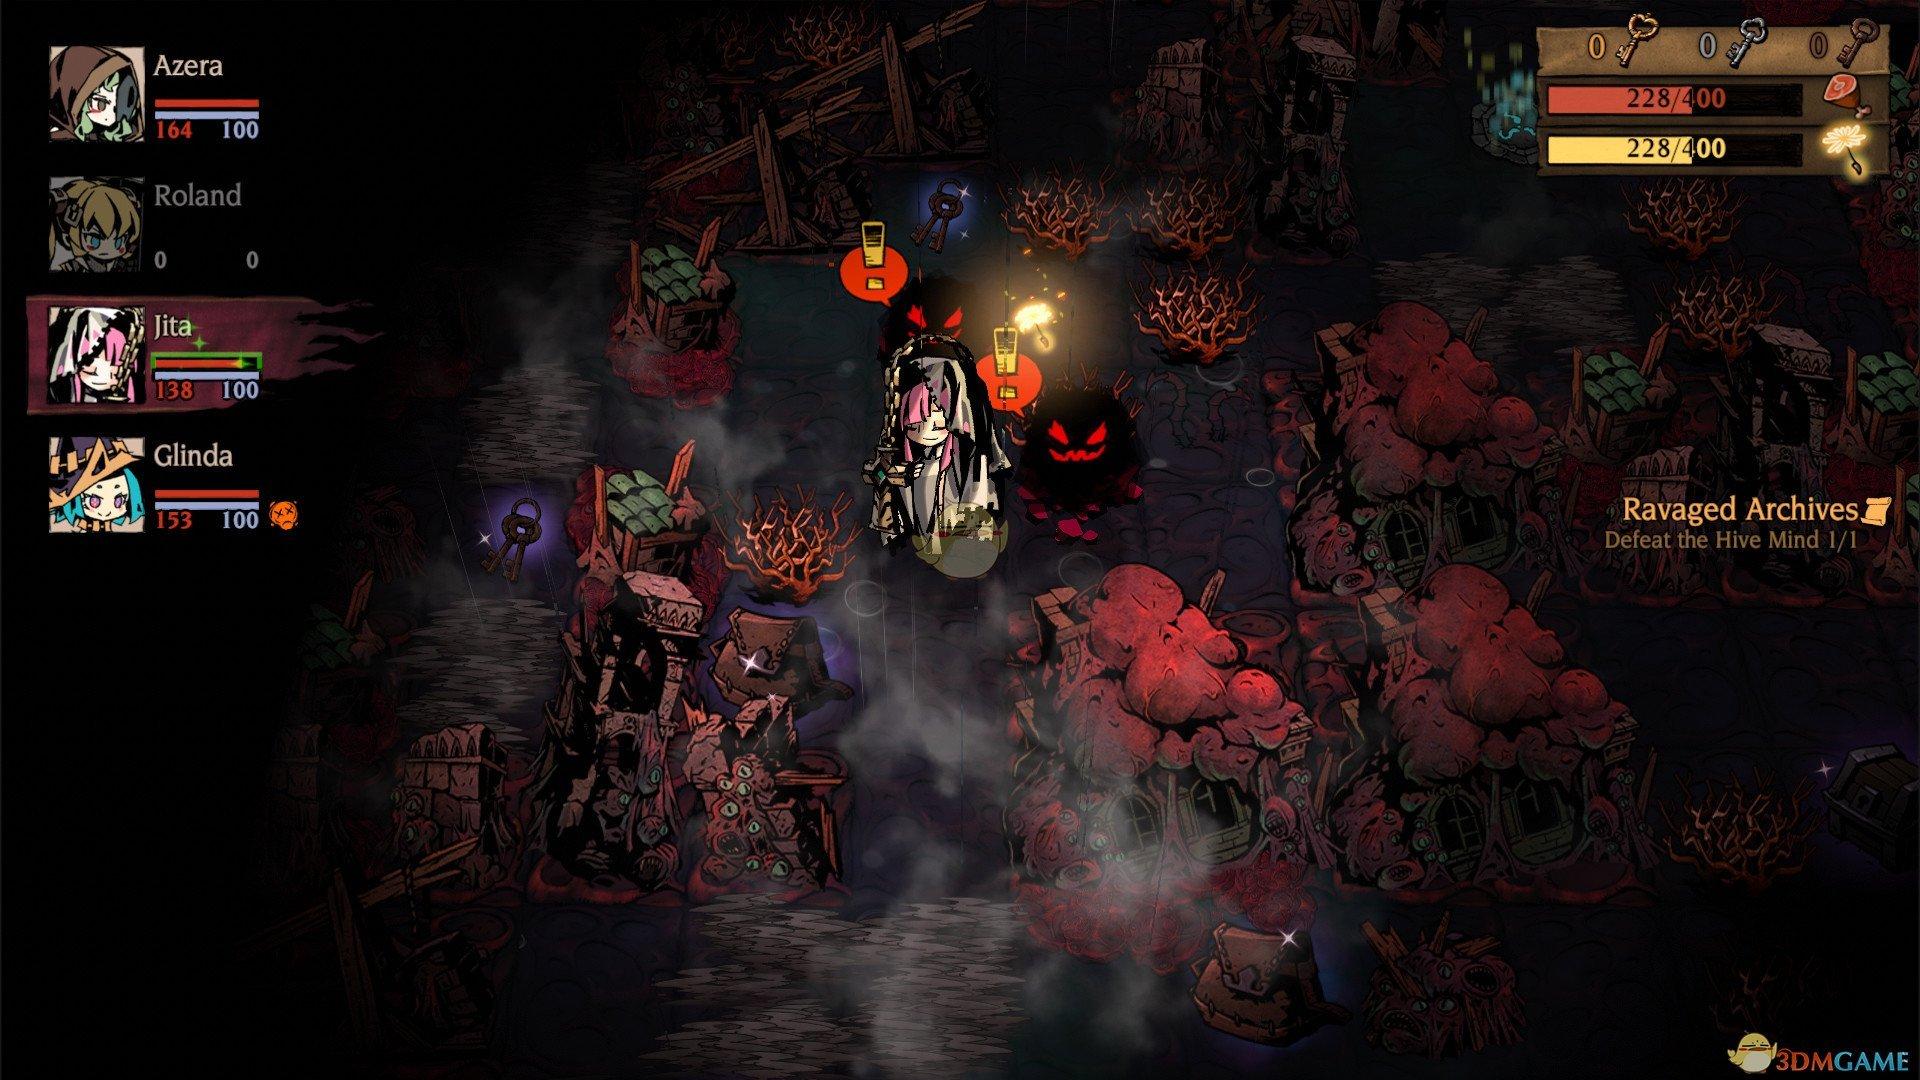 《漩涡迷雾》需要输血成就攻略